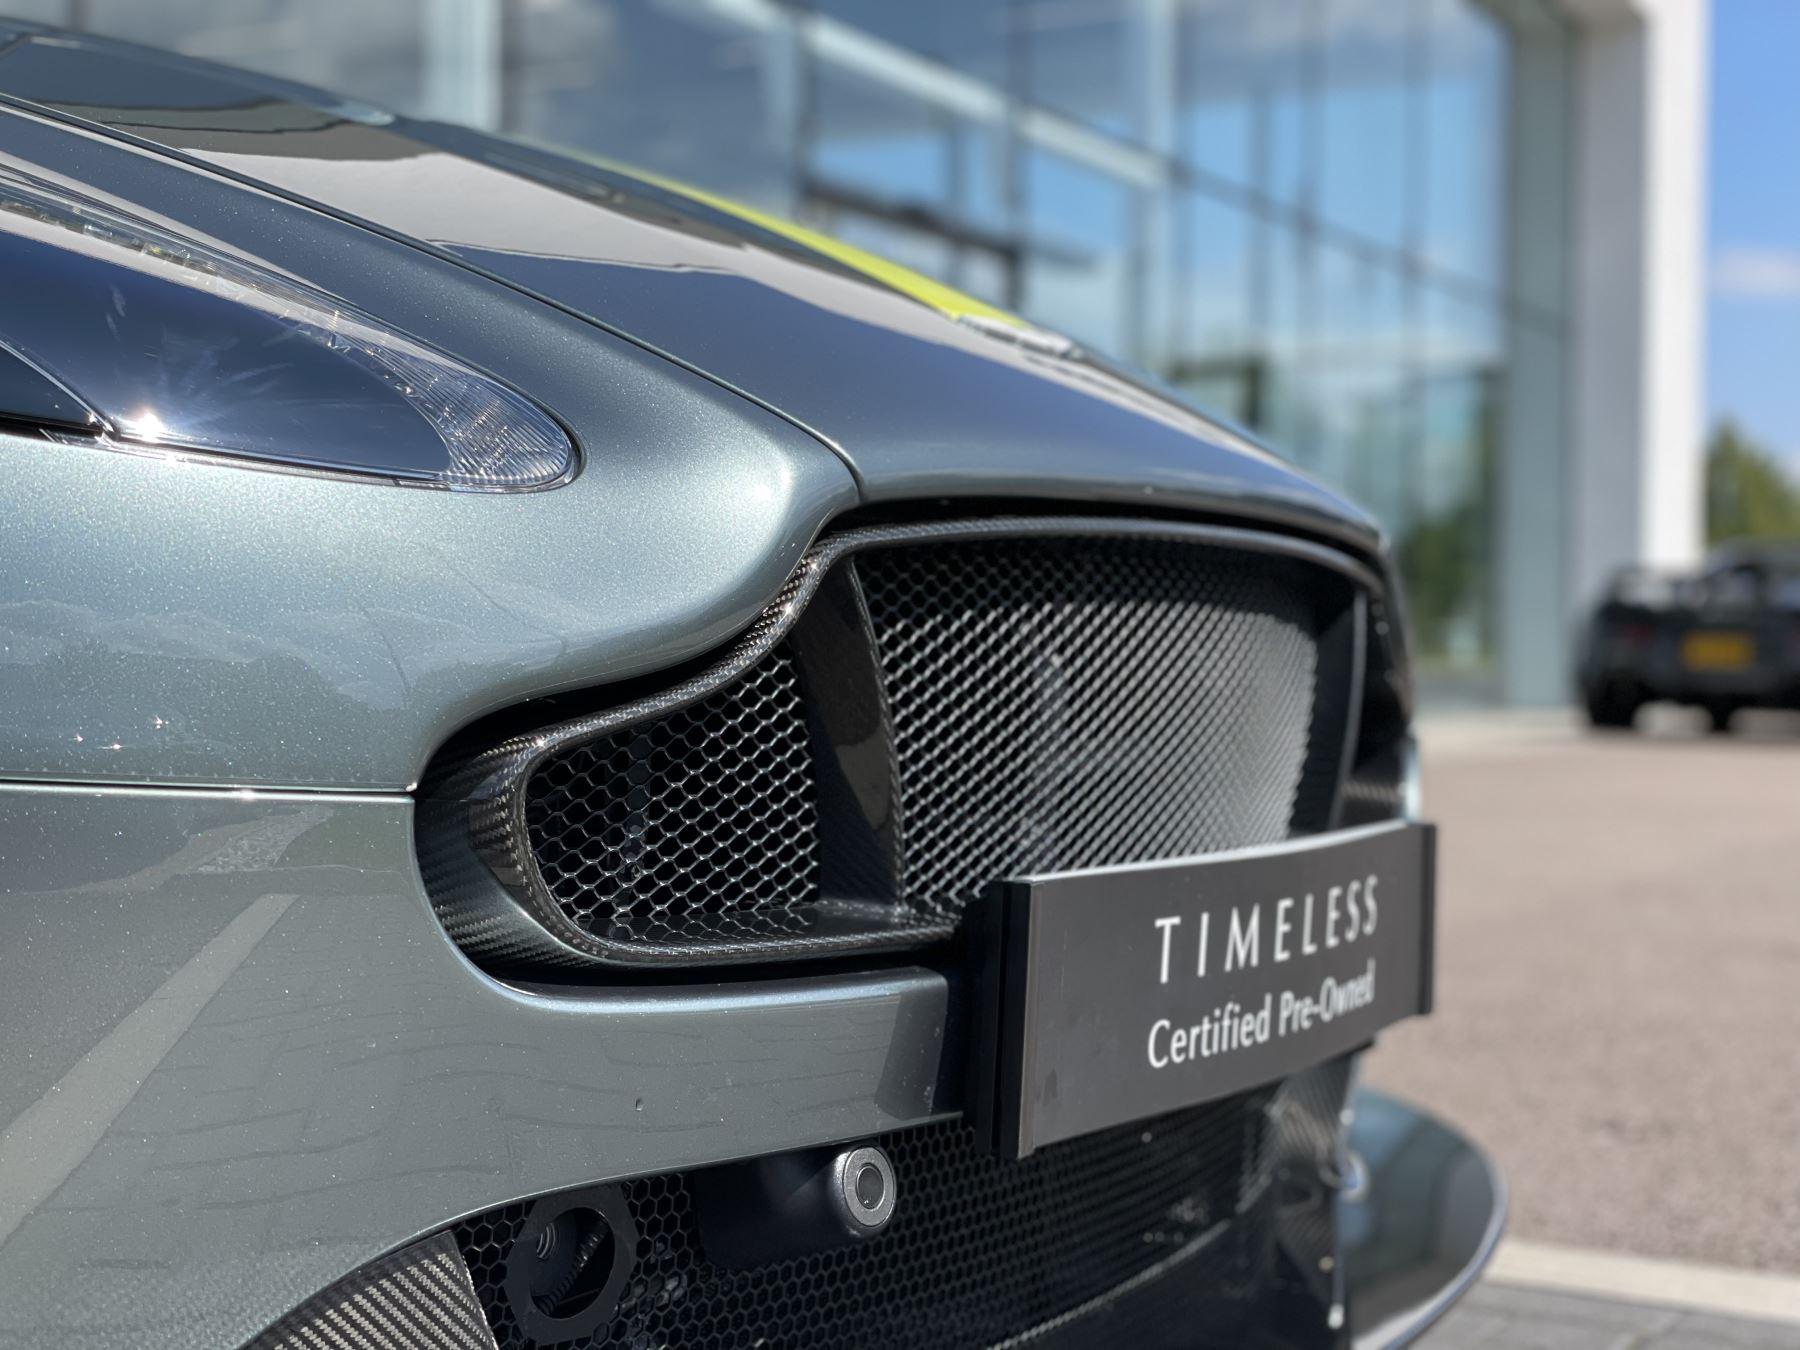 Aston Martin V8 Vantage S Coupe AMR 2dr image 5